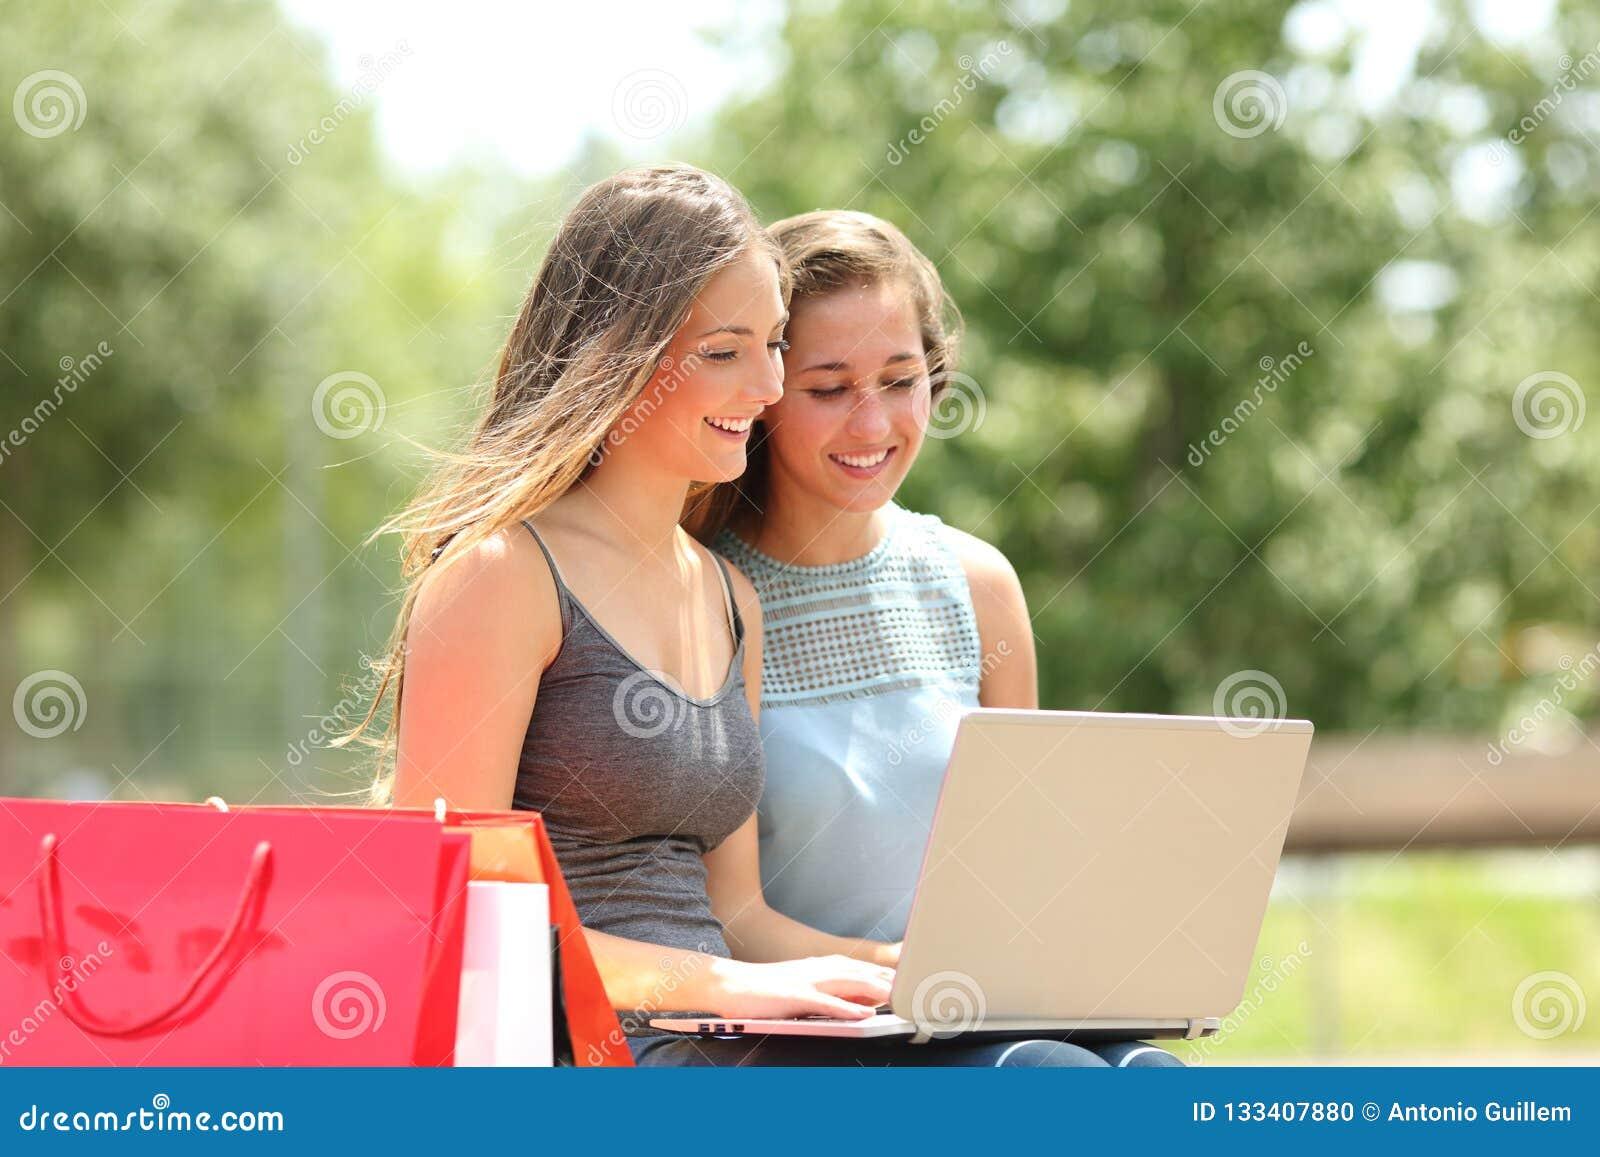 Zwei Käufer, die Produkte auf einem Laptop suchen